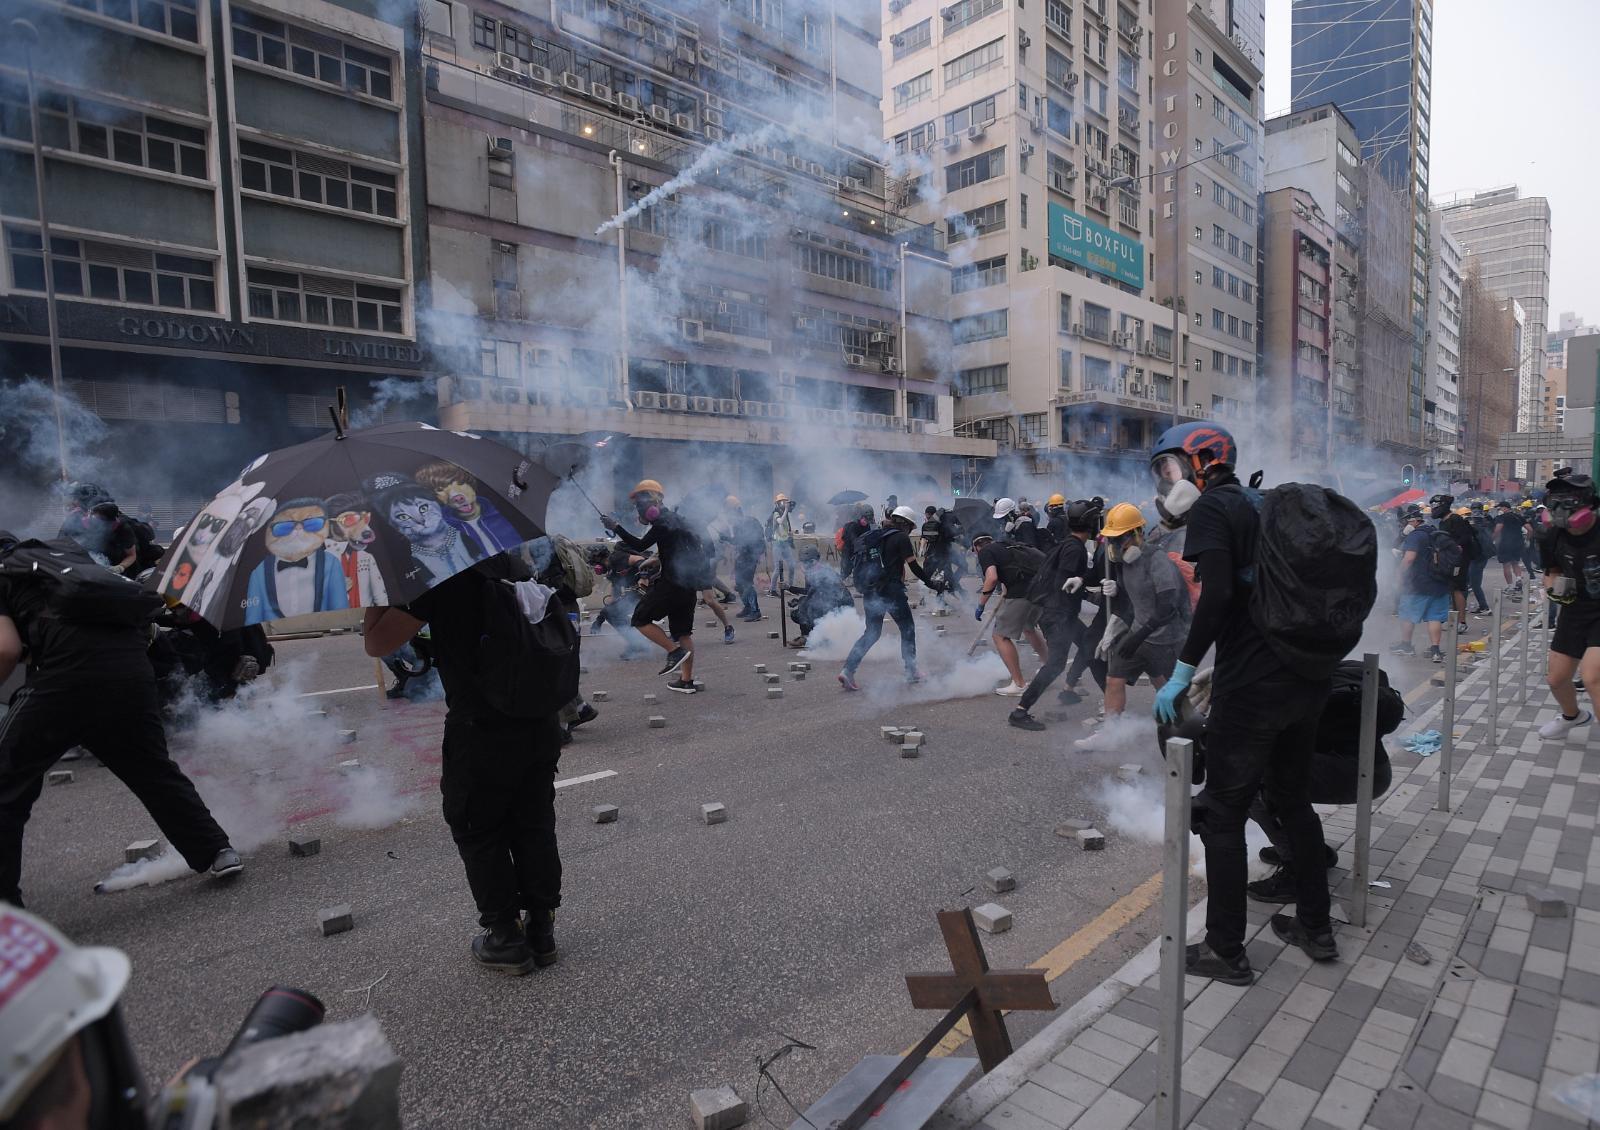 市民上周六發起觀塘區遊行,演變成大規模衝突。資料圖片